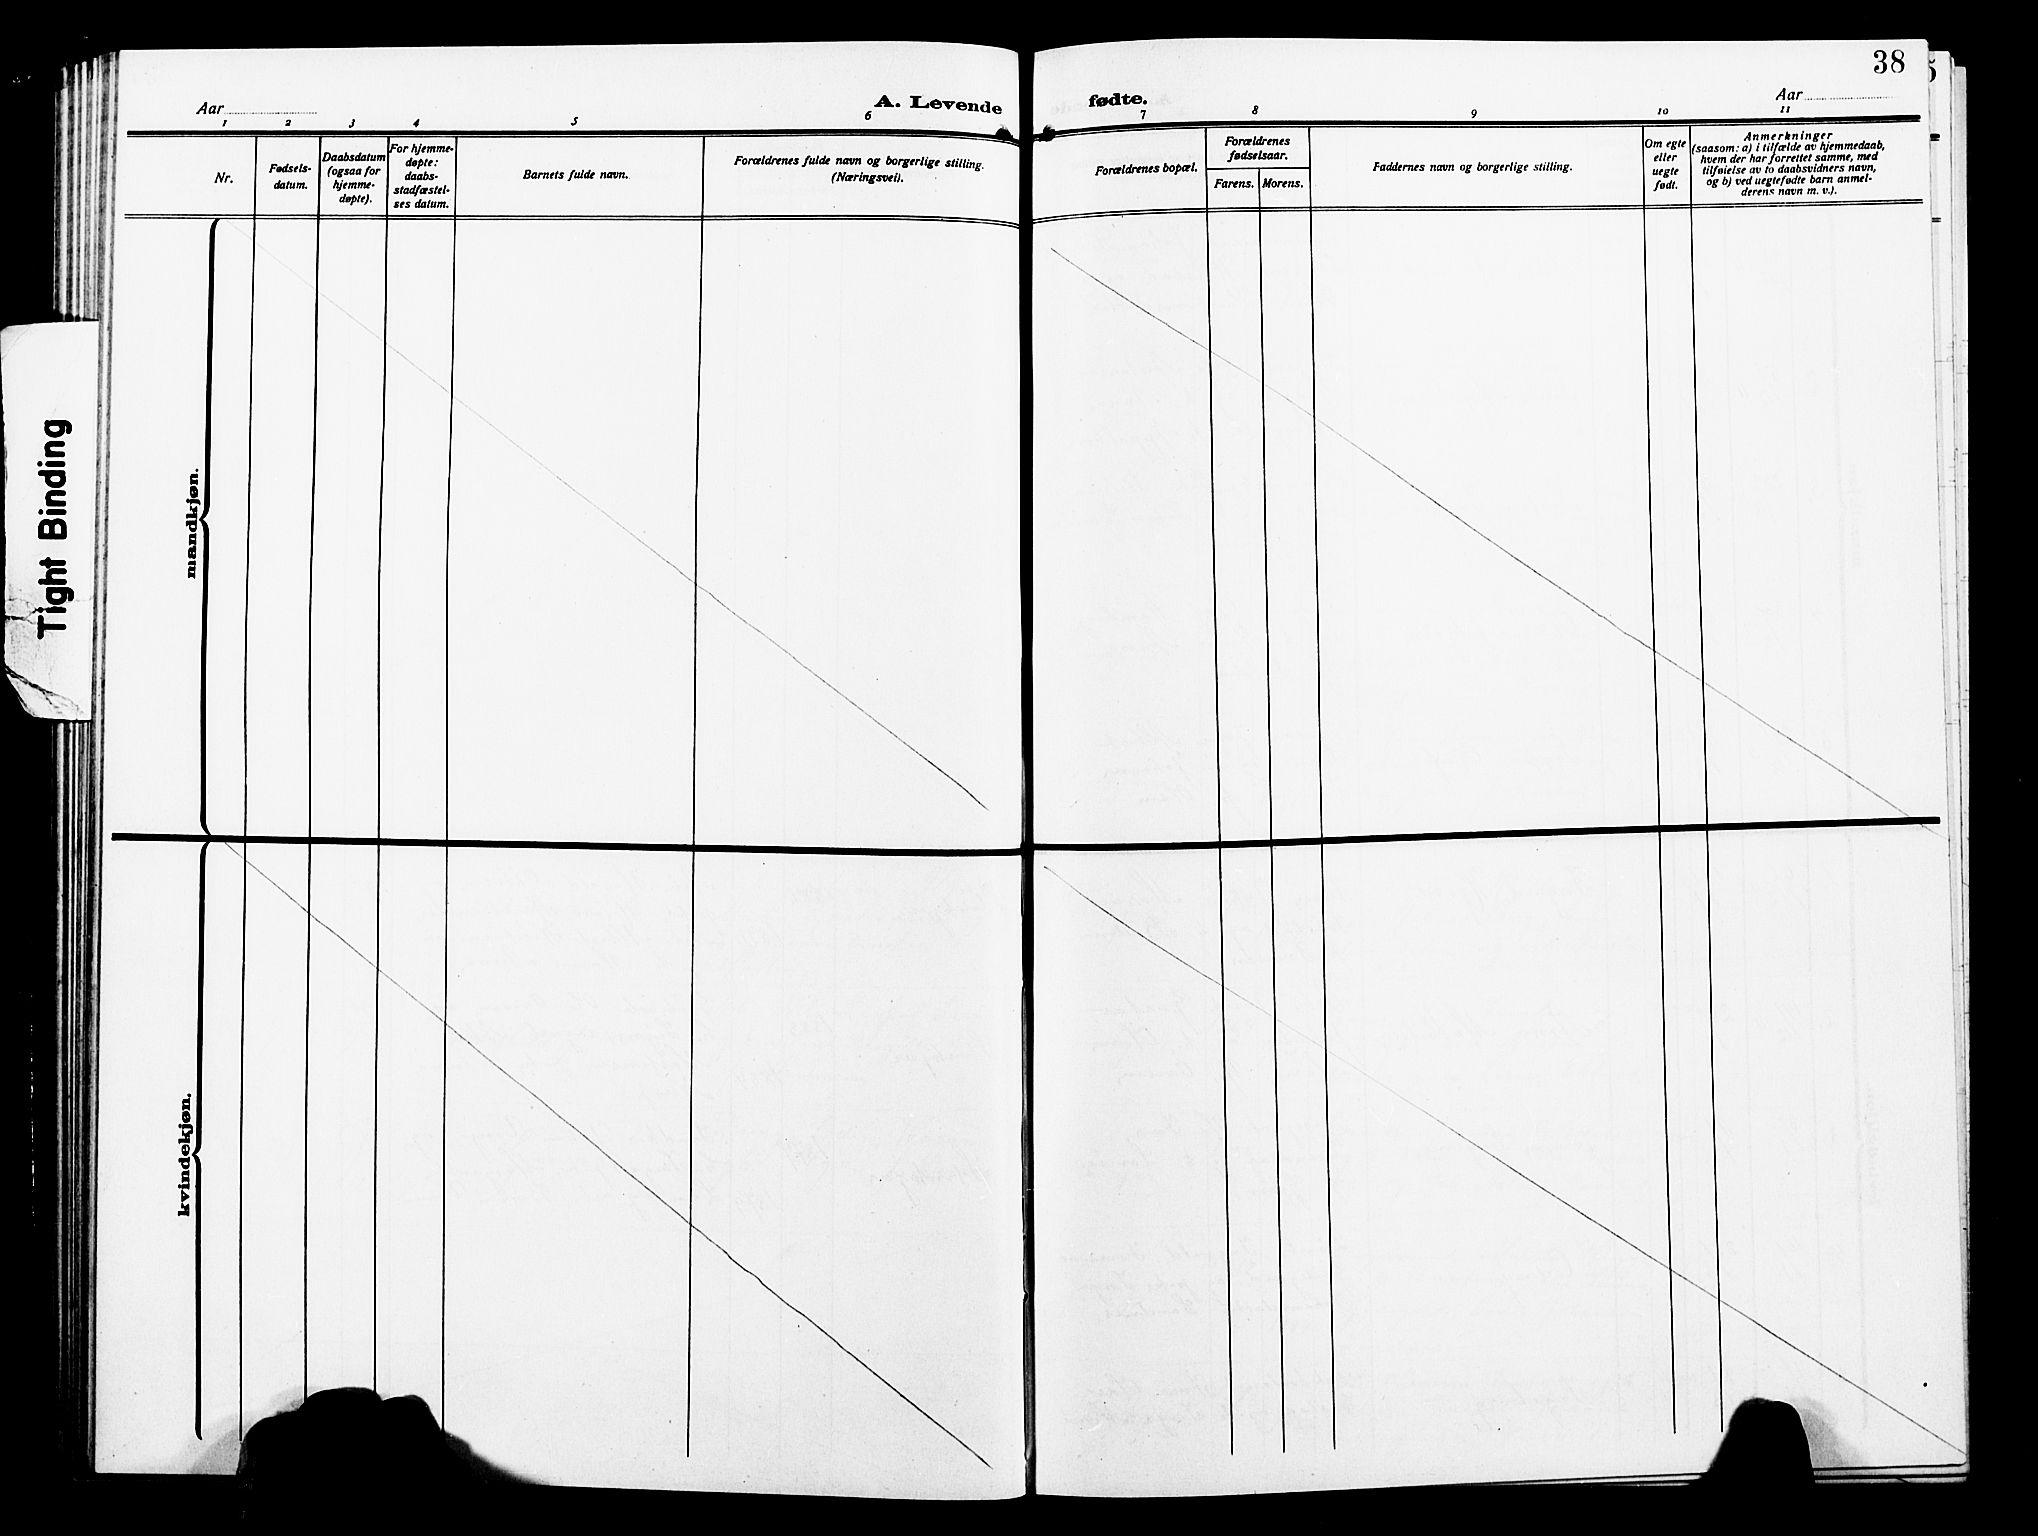 SAT, Ministerialprotokoller, klokkerbøker og fødselsregistre - Nord-Trøndelag, 739/L0376: Klokkerbok nr. 739C04, 1908-1917, s. 38